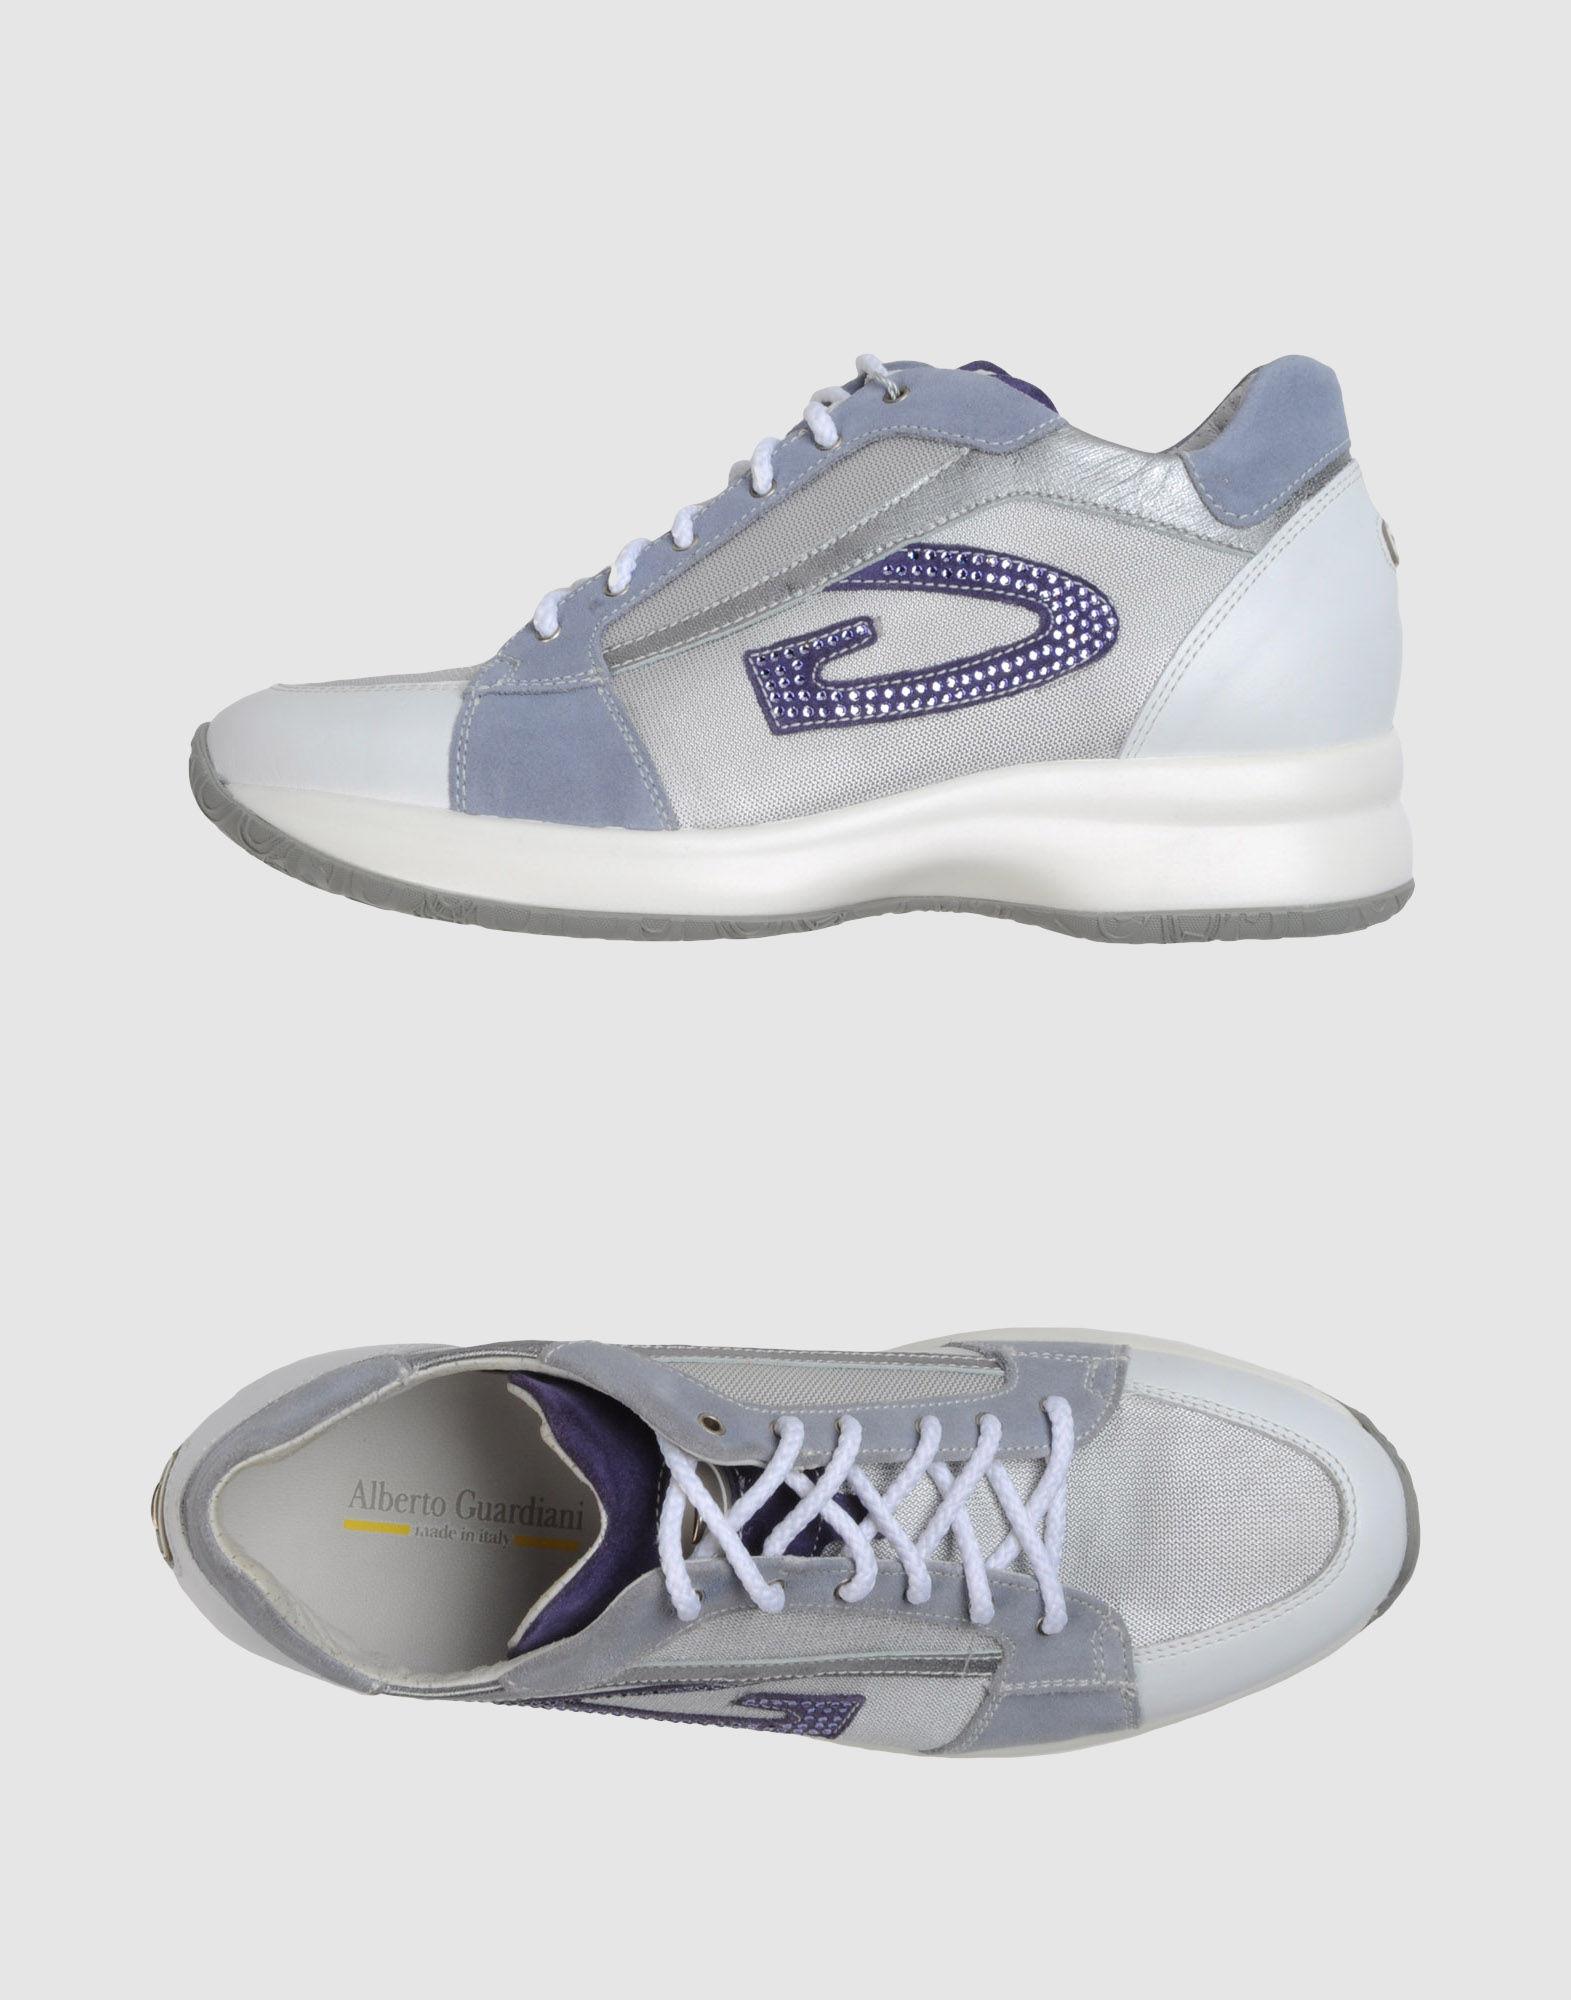 7cc8d1214f08 Sneakers Alberto Guardiani in vendita online su. Sneakers bambino alberto  guardiani. materiale: nabuk. fondo: gomma - Colore : Grigio - Scarpe ...